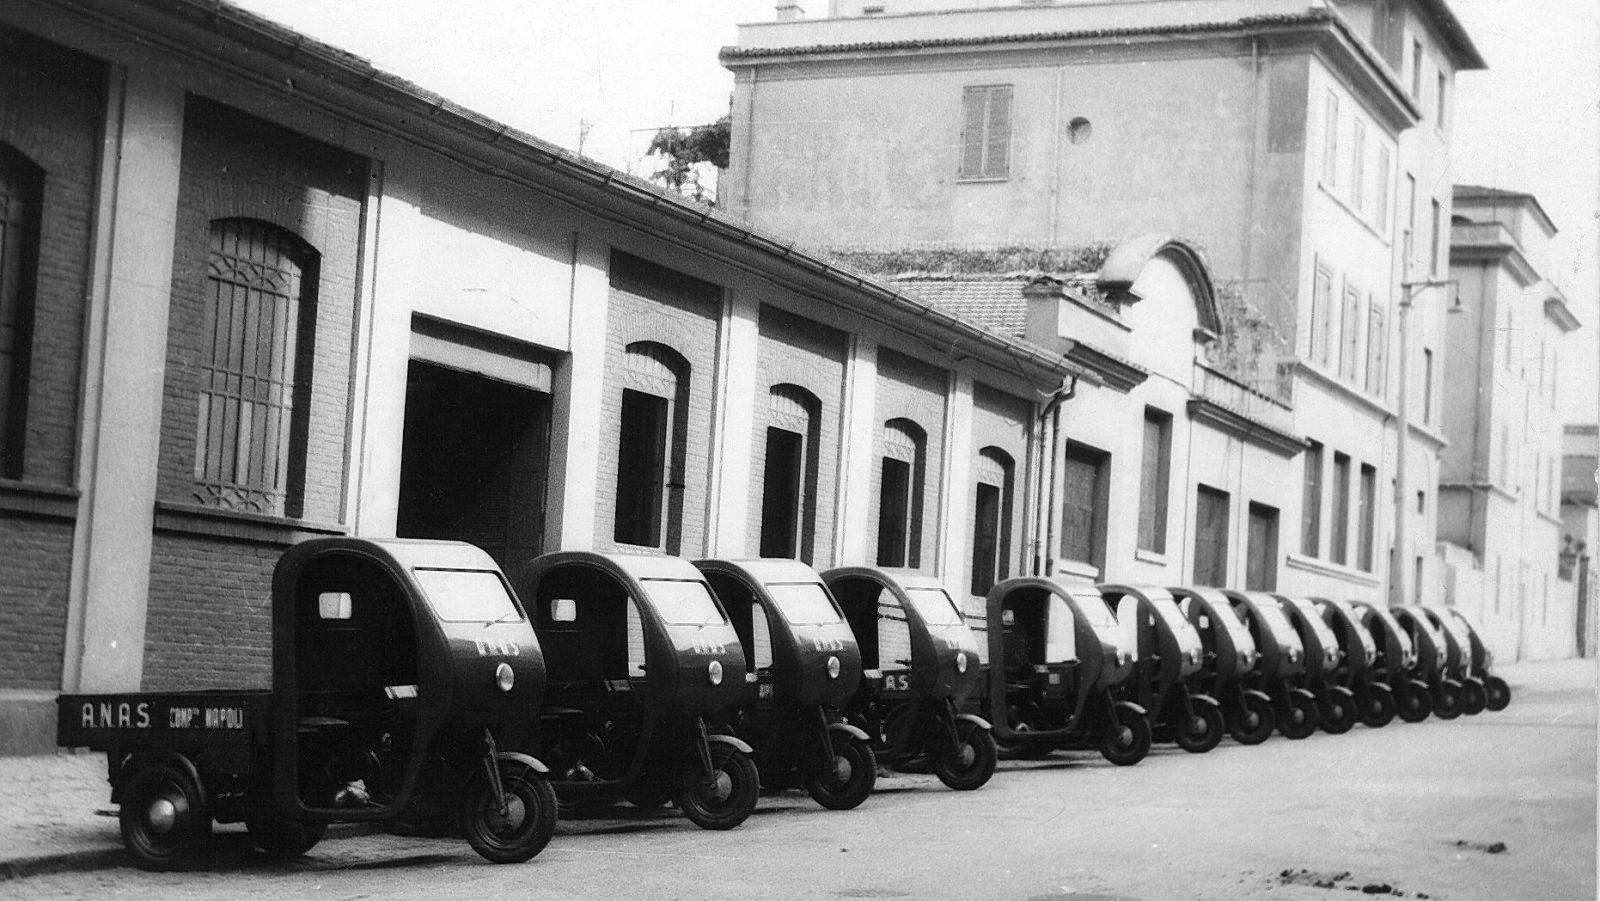 Anas, compartimento di Napoli: motofurgoncini acquistati per la motorizzazione del servizio manutentorio, 1946 (Archivio storico Anas)